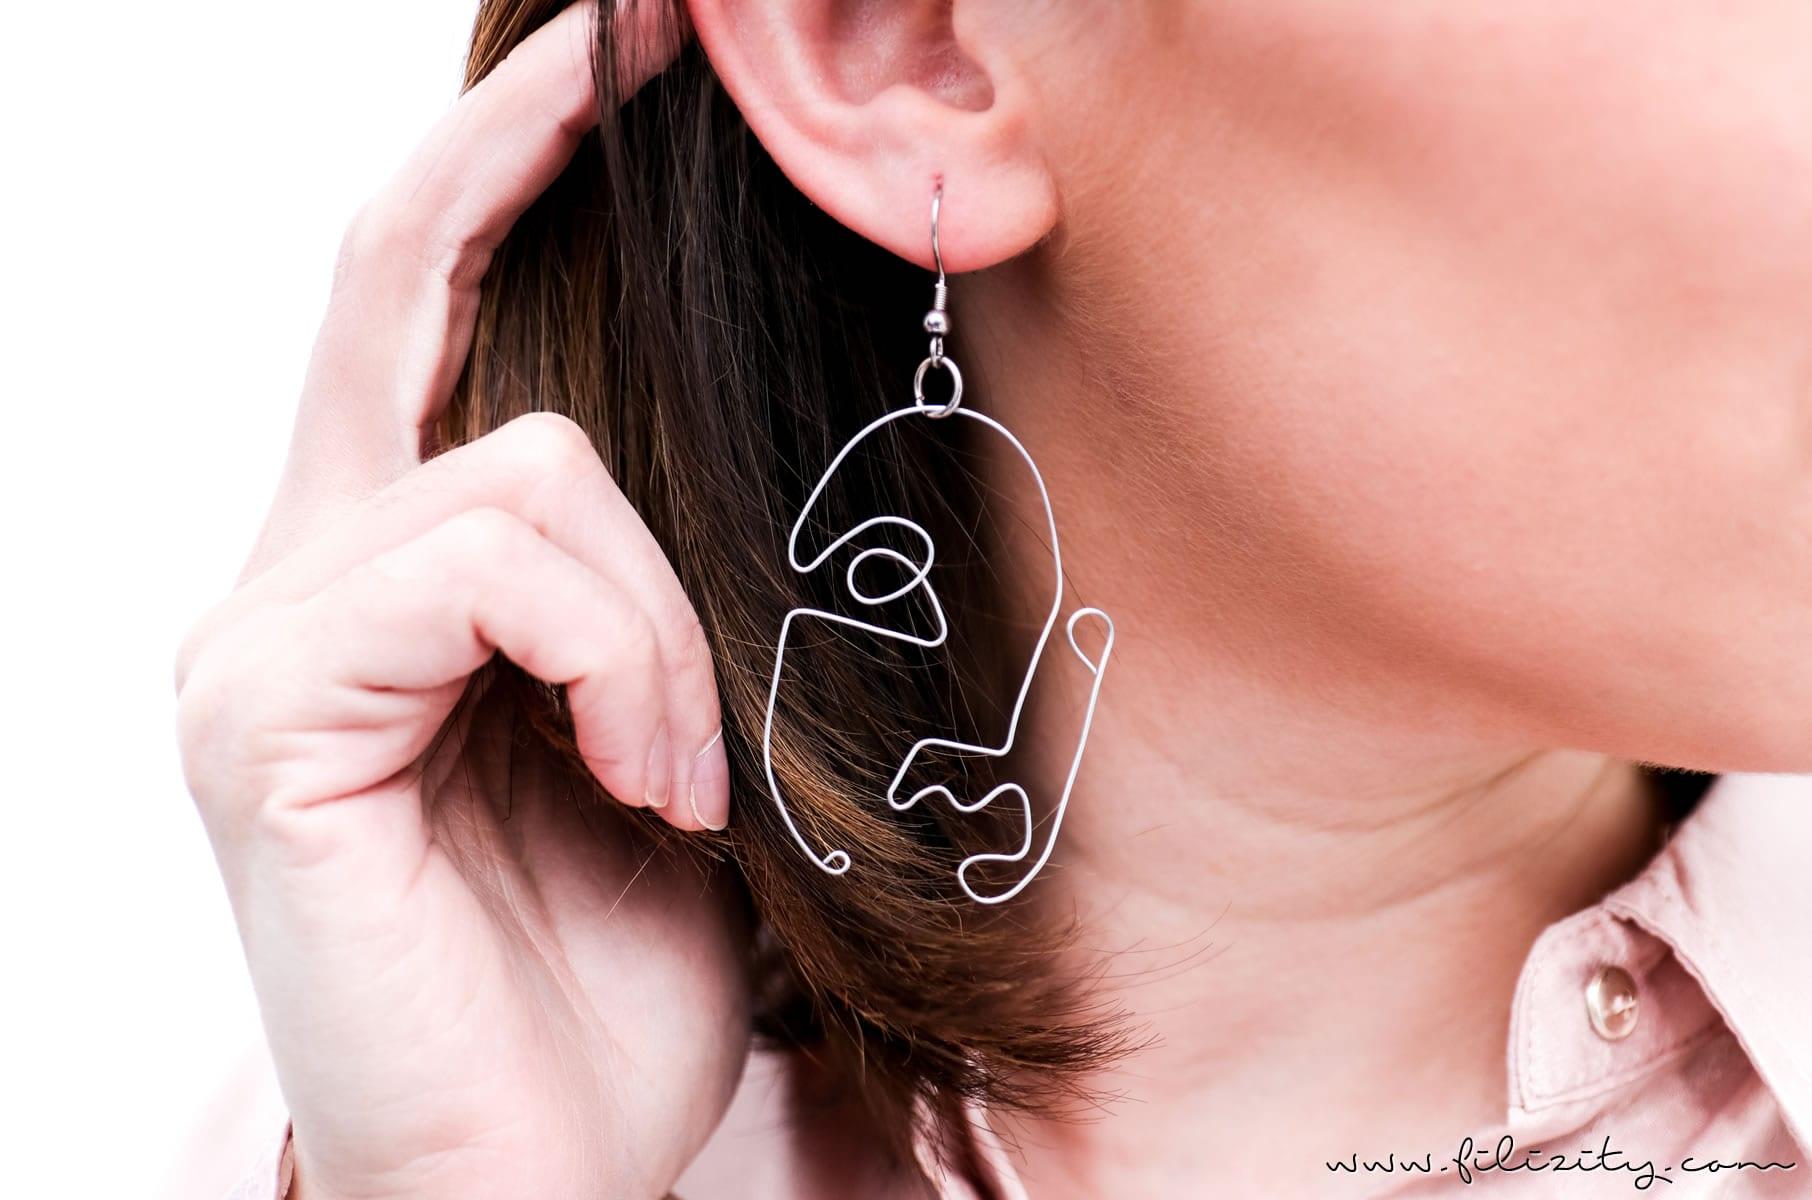 Kunst Trend-Schmuck für 2017/2018 selber machen: DIY Ohrringe mit Gesichtern. Auch toll als Geschenkidee | Filizity.com | DIY-Blog aus dem Rheinland #picasso #geschenkideen